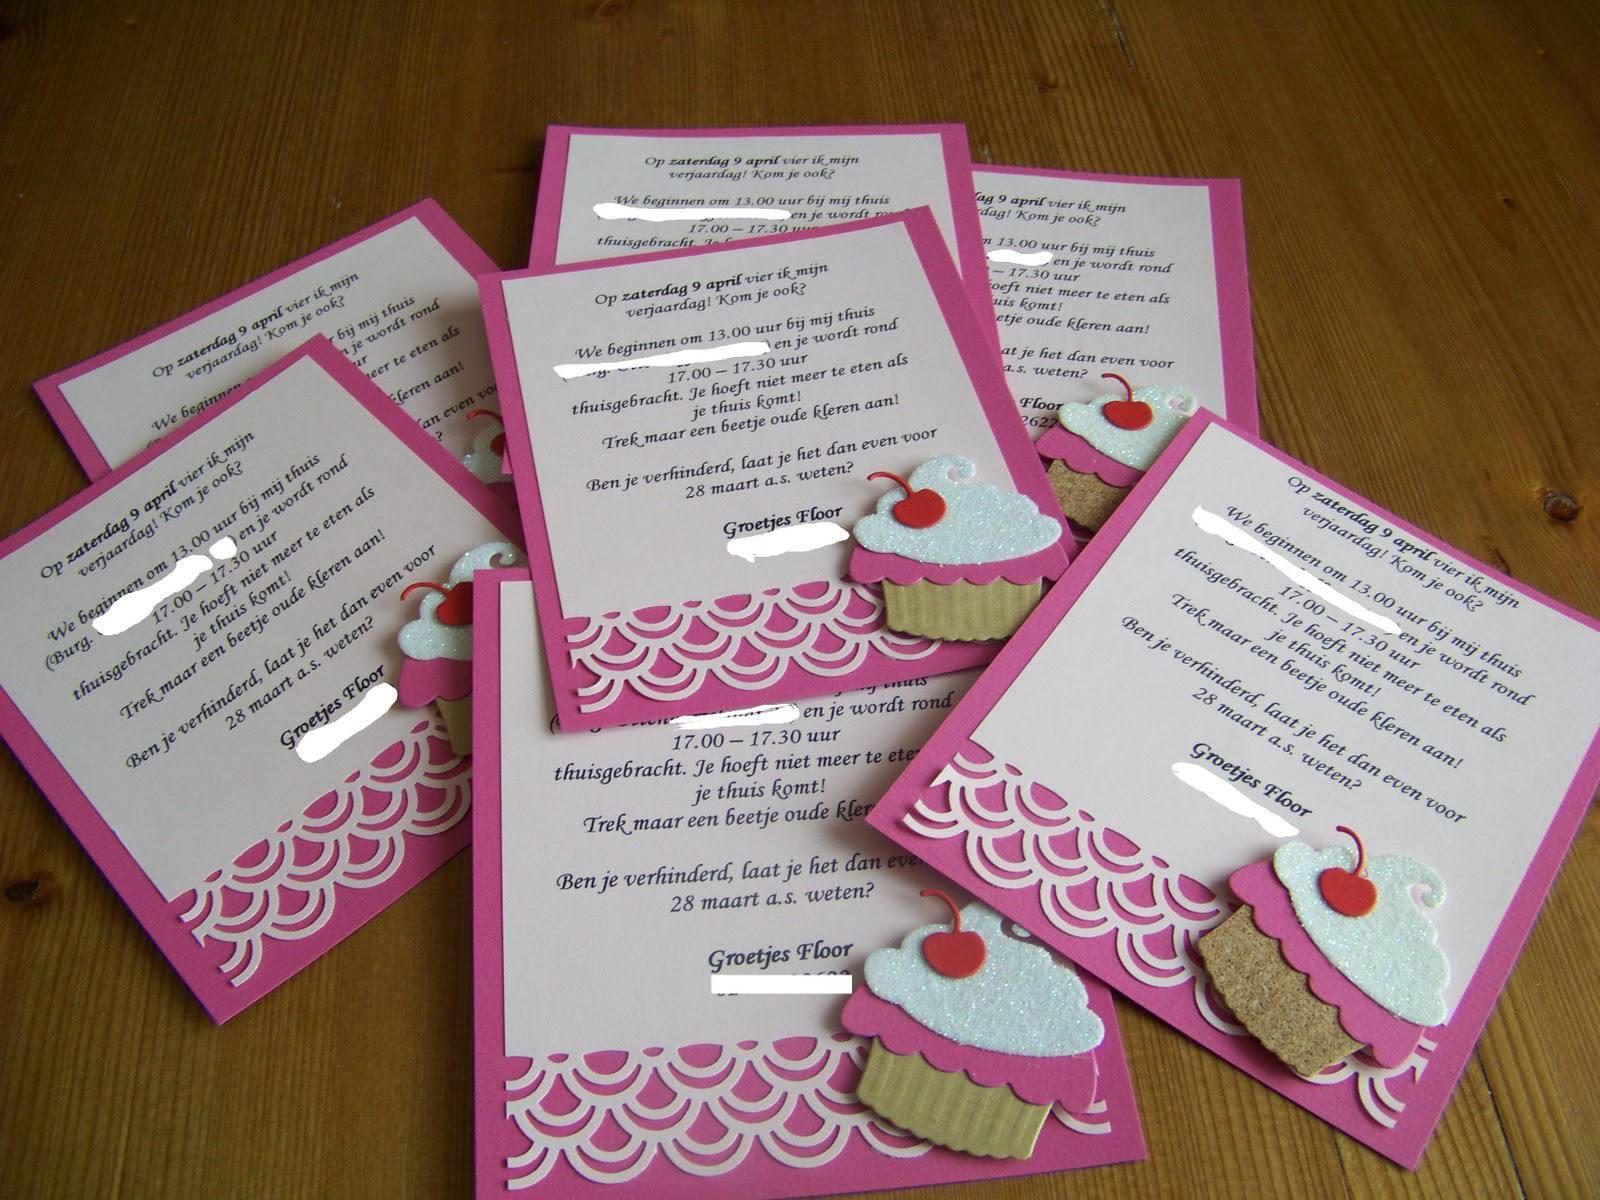 Magnifiek Bedwelming Zelf Uitnodigingen Maken En Printen #USU01 - AgnesWaMu #NJ01